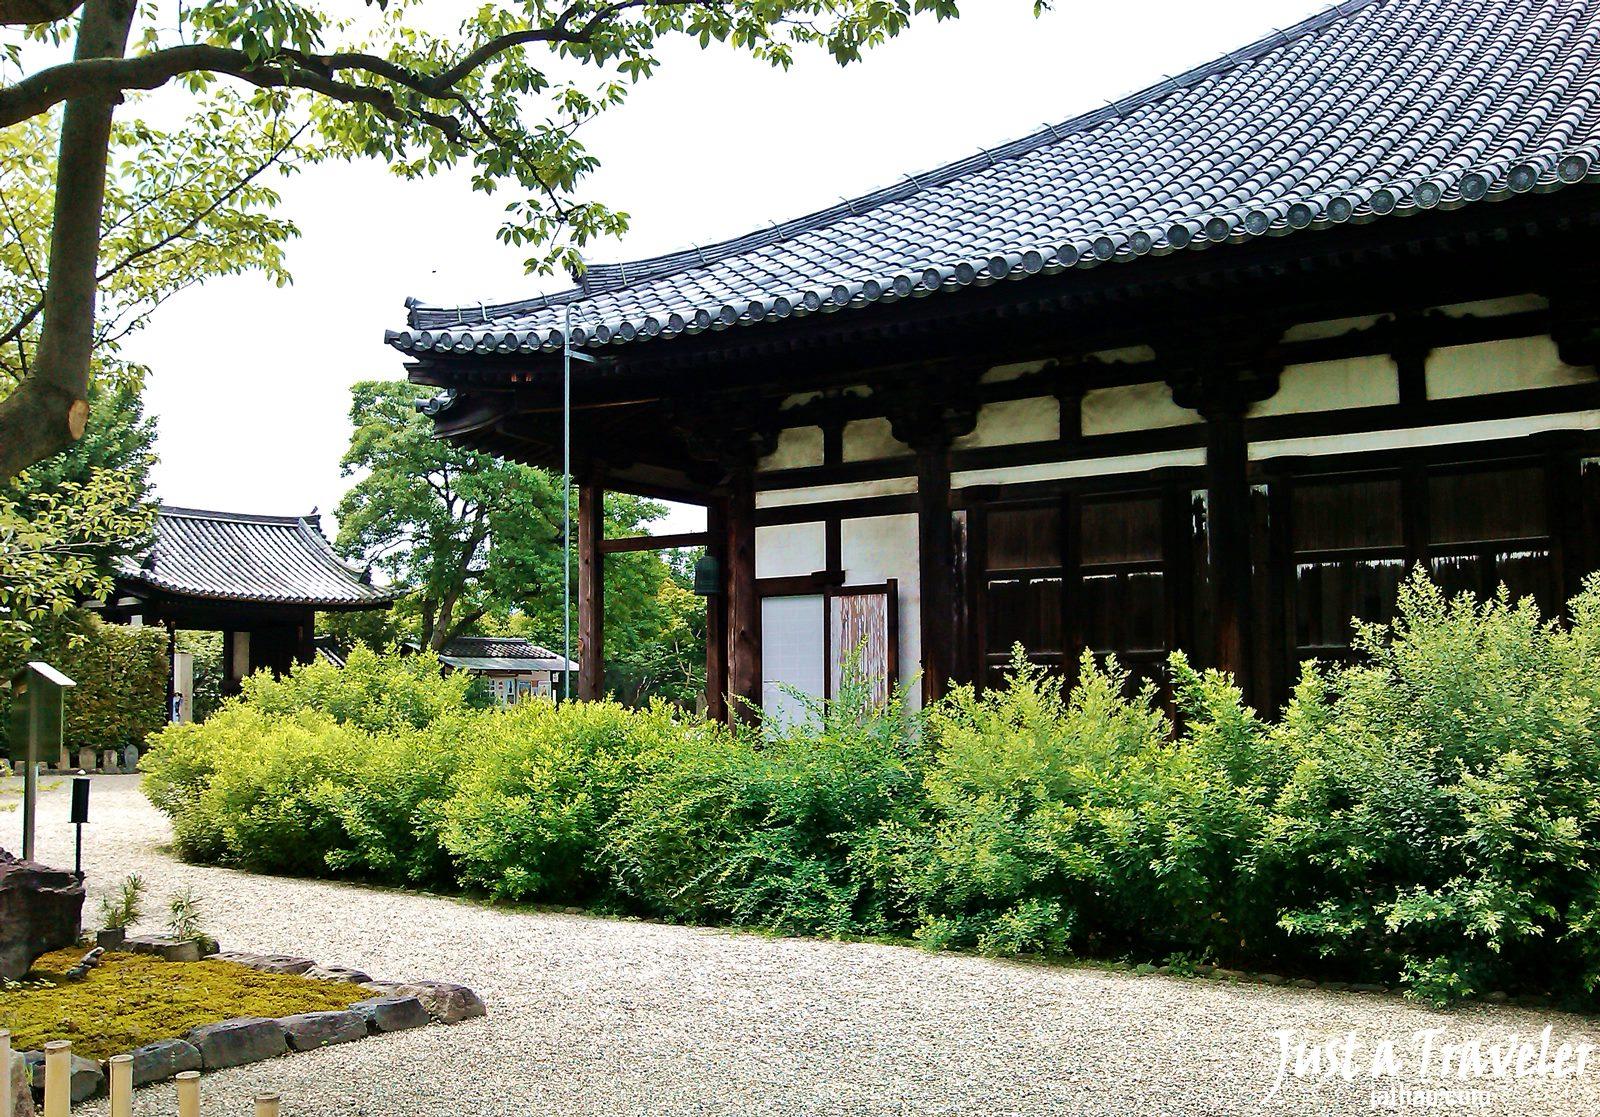 奈良-景點-推薦-元興寺-Gangoji Temple-市區-自由行-必玩-必遊-必去-旅遊-觀光-日本-Nara-Tourist-Attraction